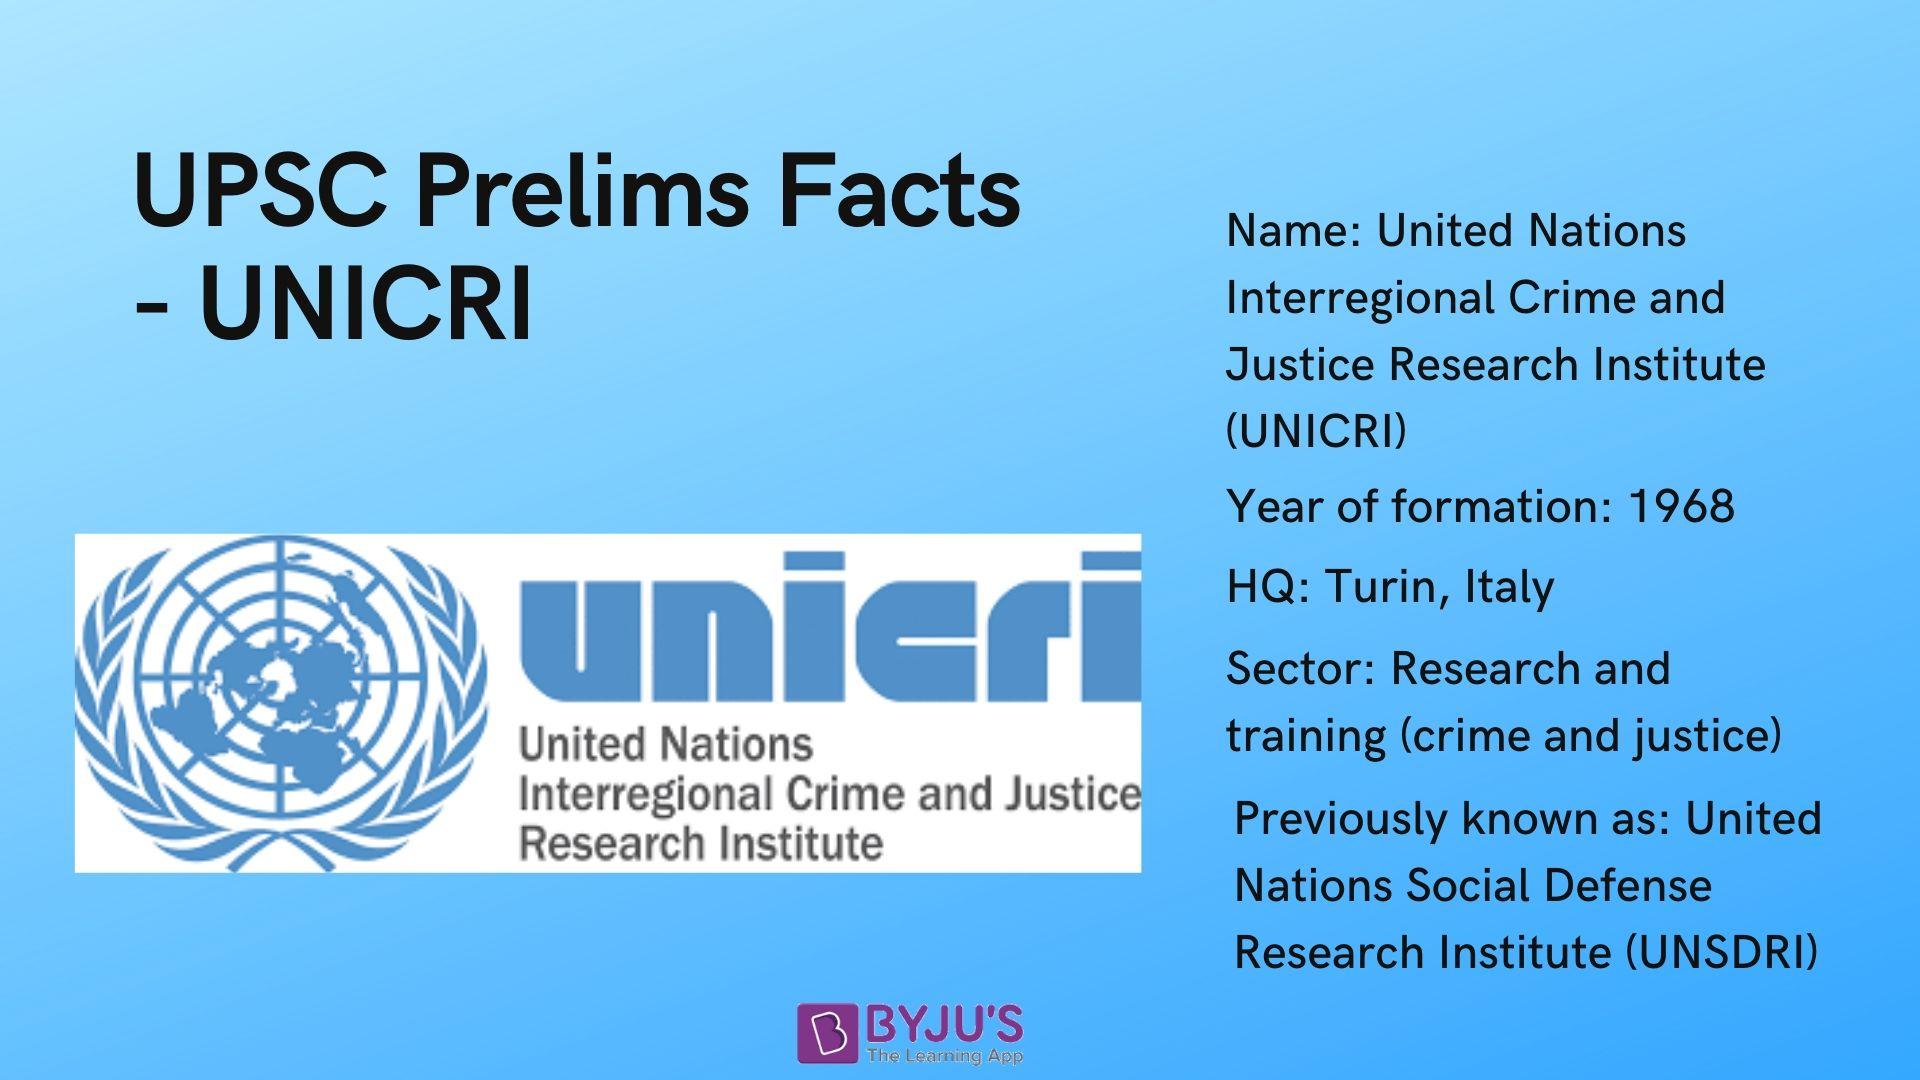 UNICRI - UPSC Prelims Facts